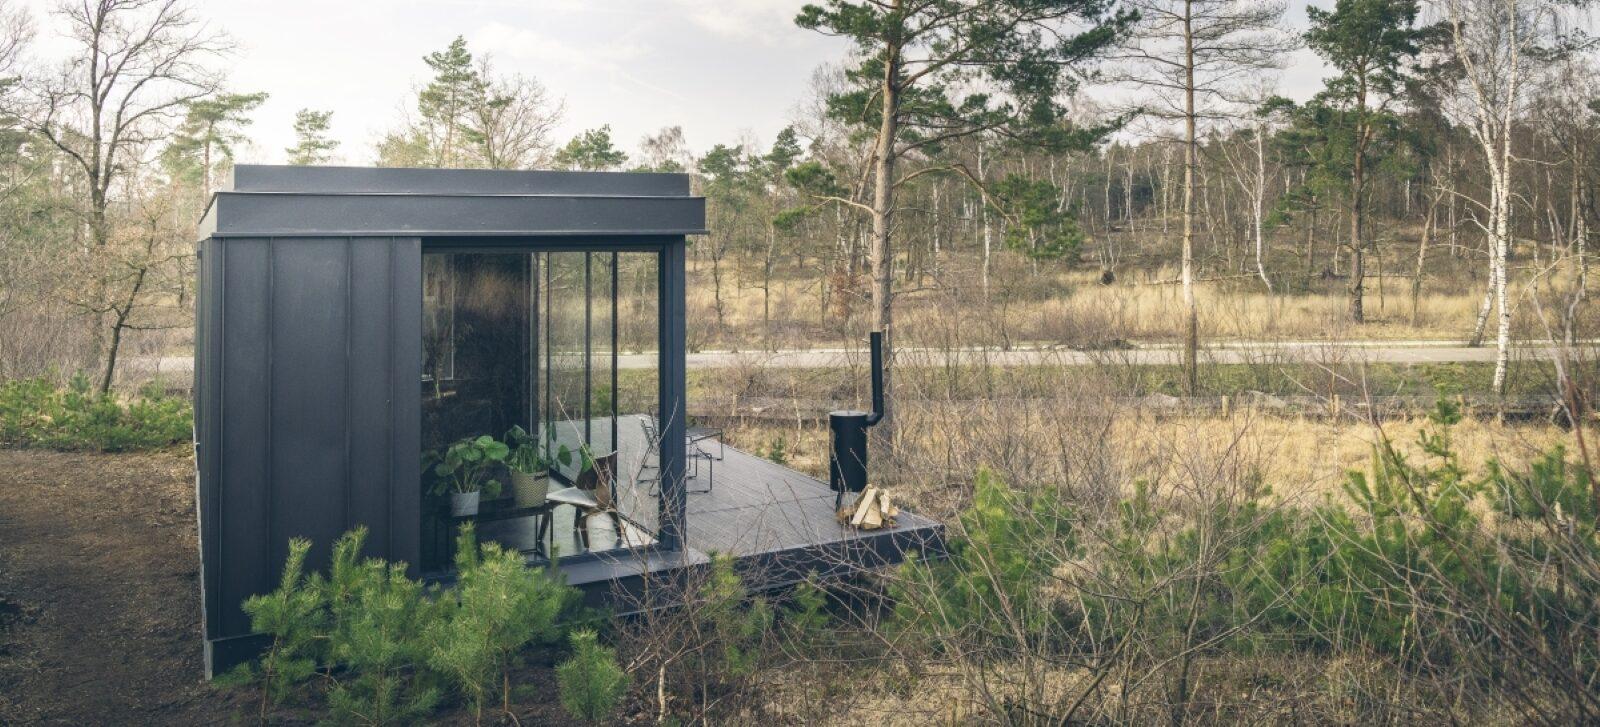 Supertrips - Innovatief vakantiehuisje midden in de natuur